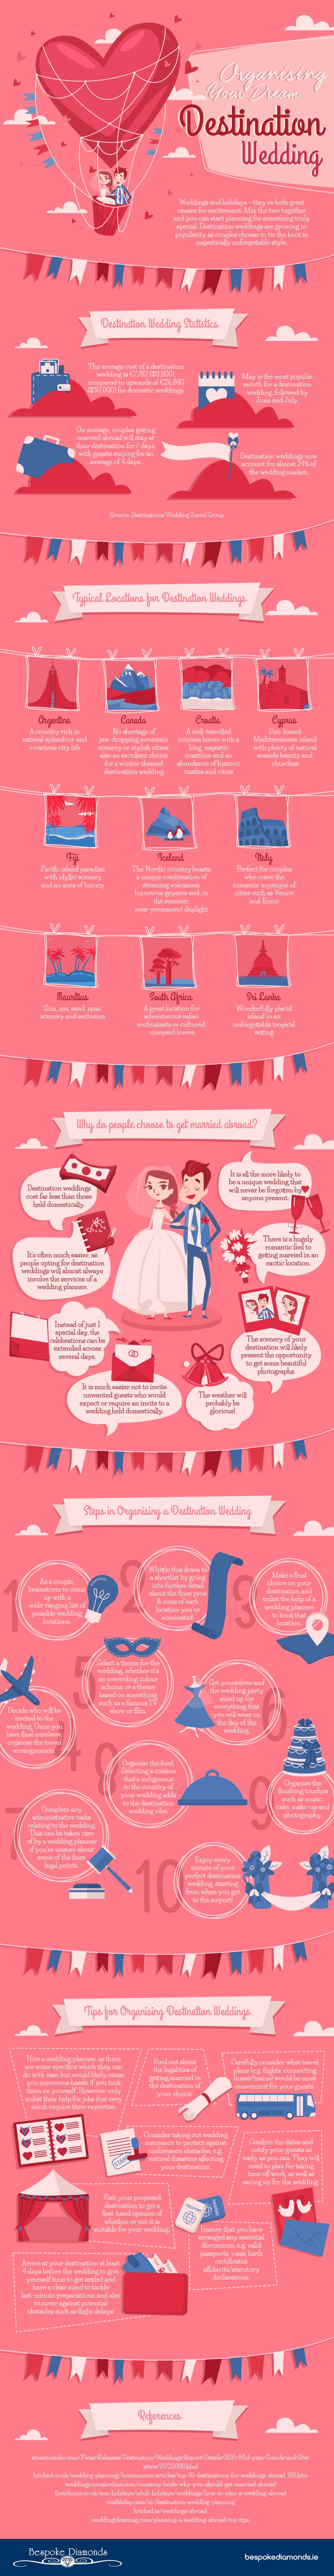 destination wedding infographic